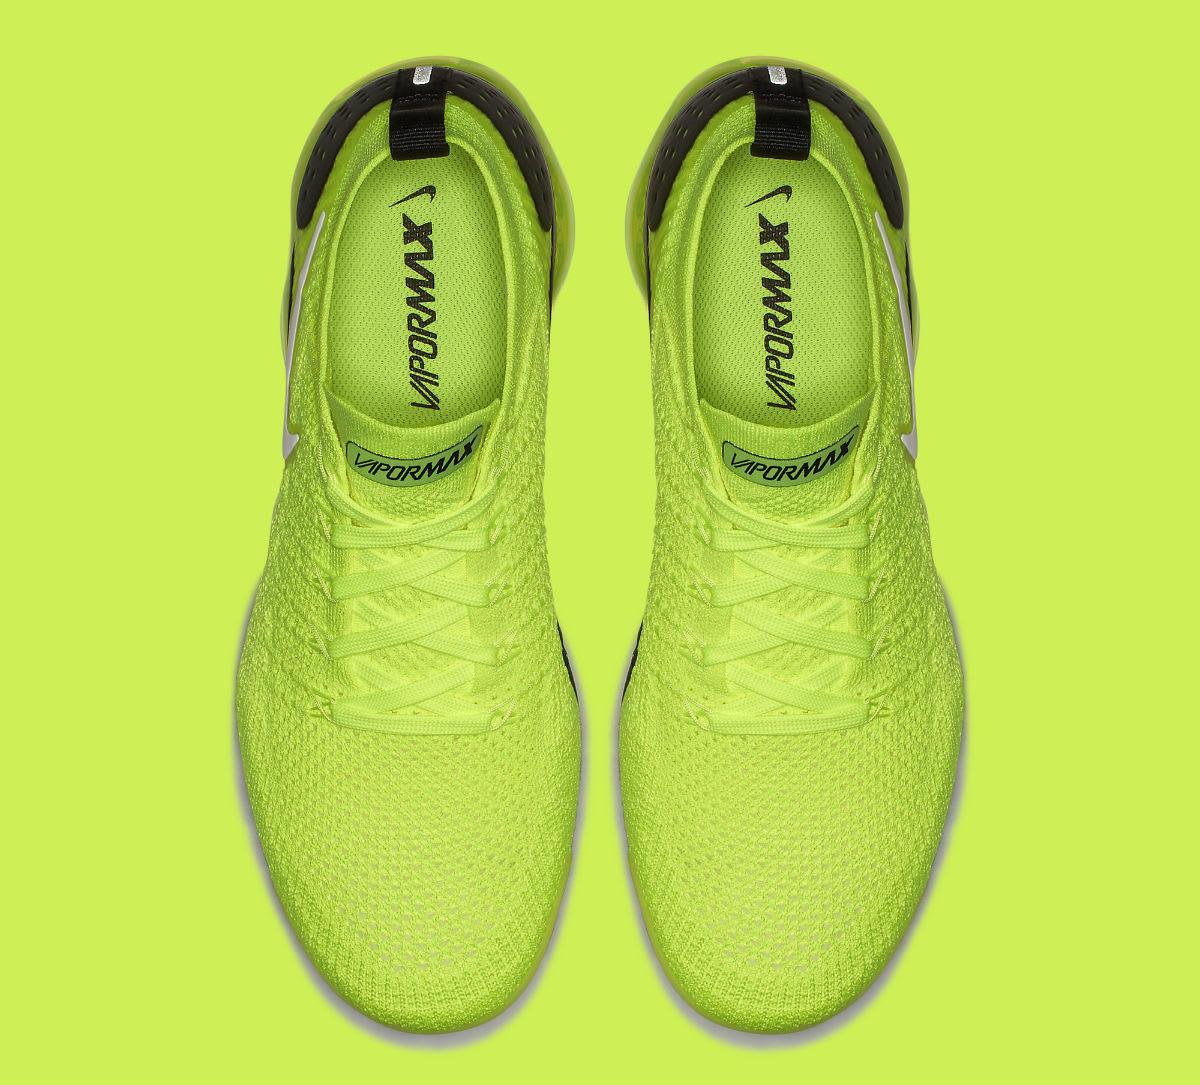 Nike Air VaporMax Flyknit 2 Volt Release Date 942842-700 Top